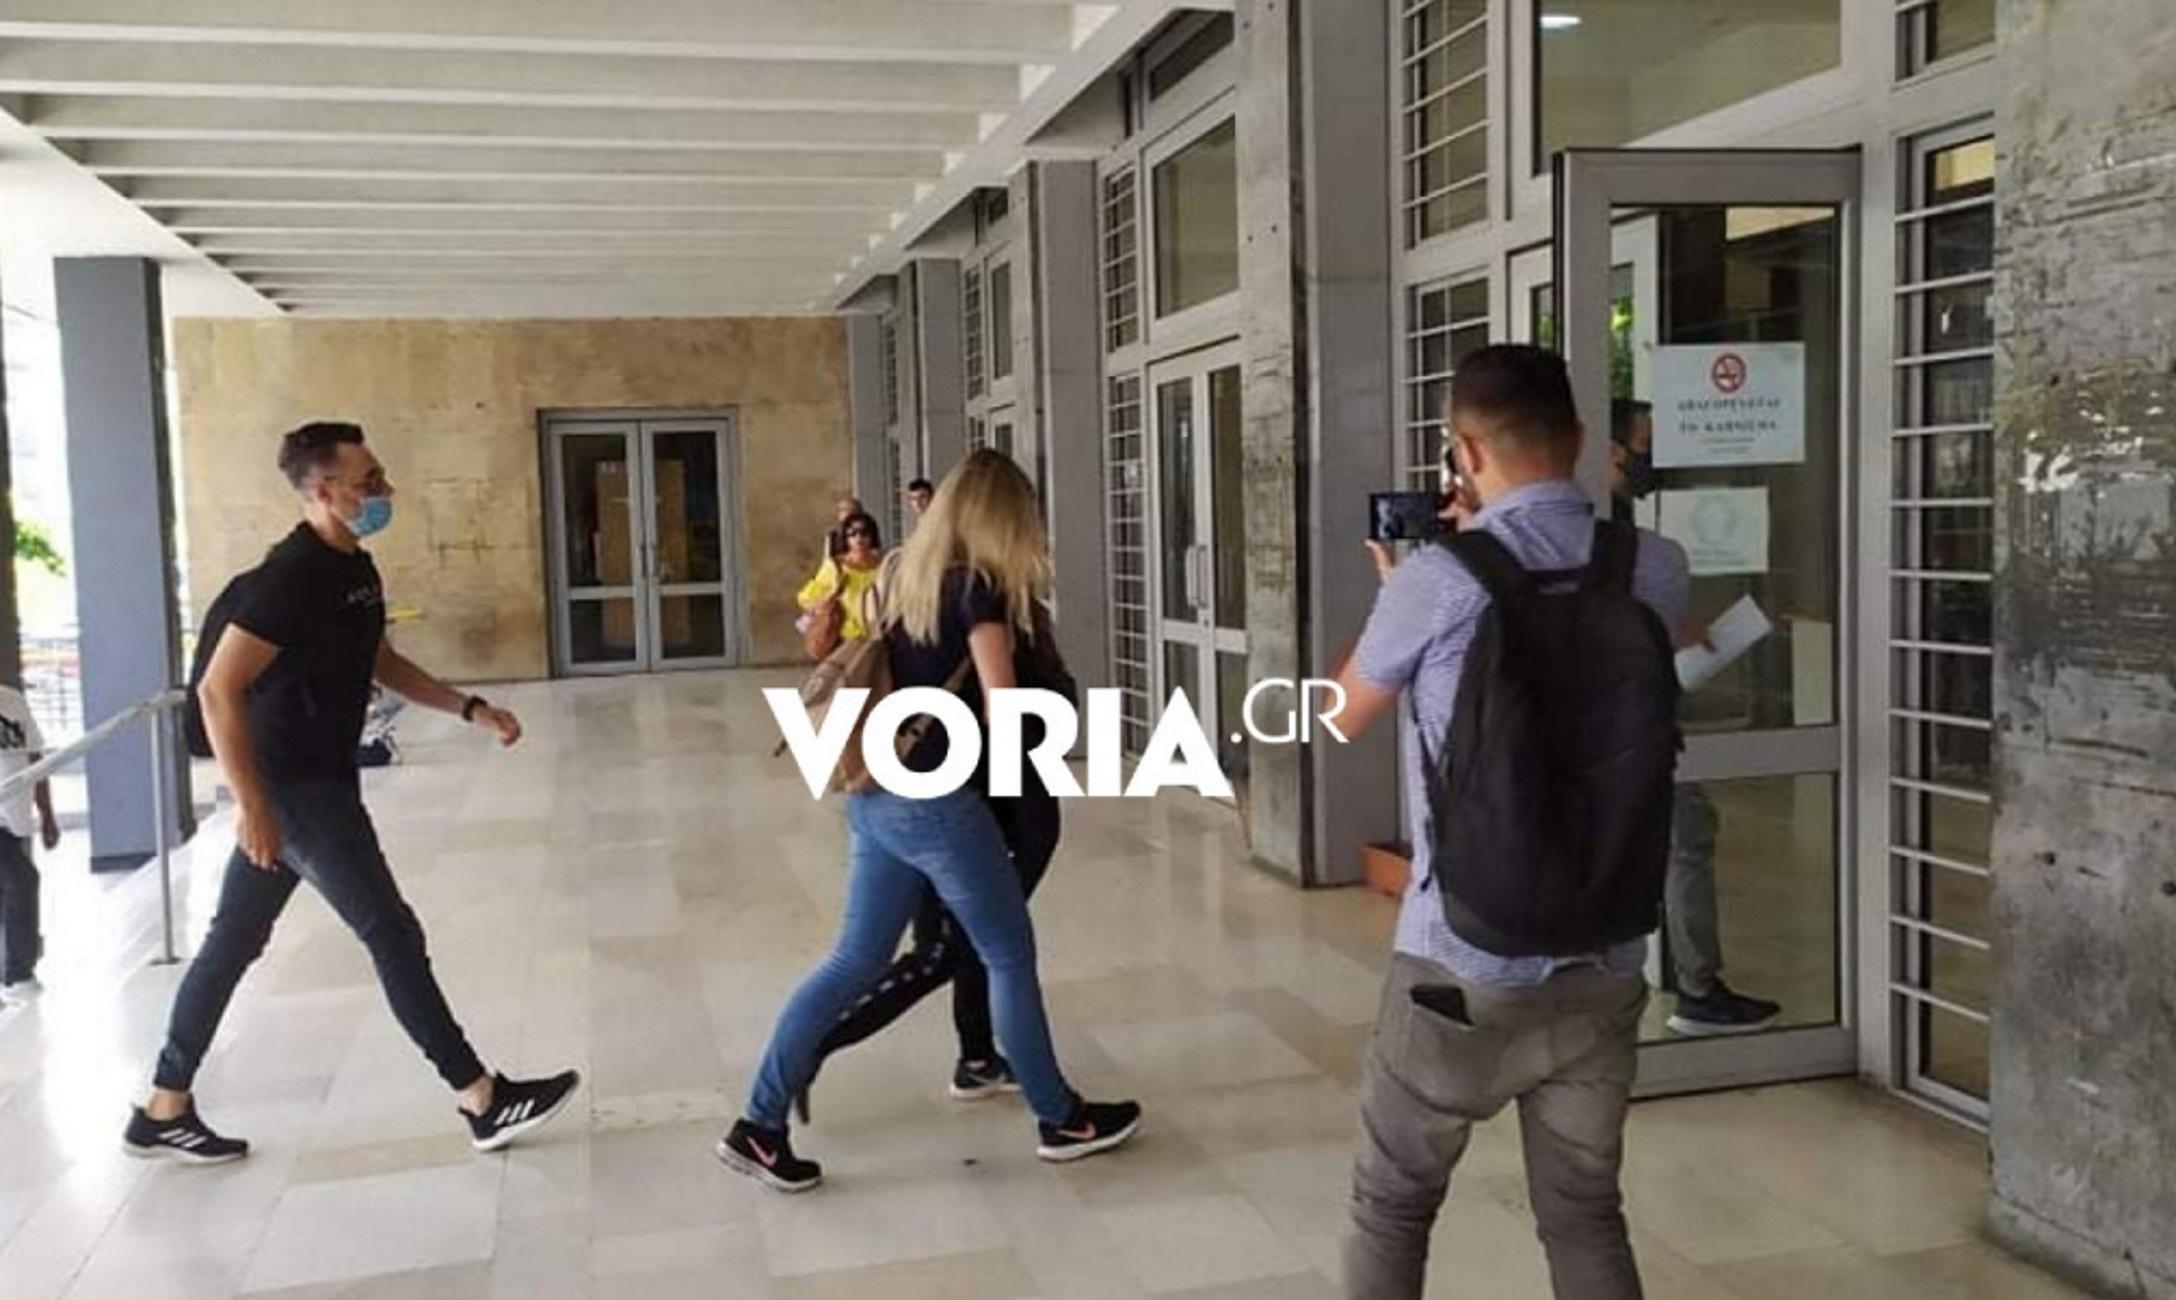 Θεσσαλονίκη: Έτσι εμφανίστηκαν μάνα και κόρη μετά την άγρια δολοφονία! Ανάστατος ο Εύοσμος από το έγκλημα (Φωτό)